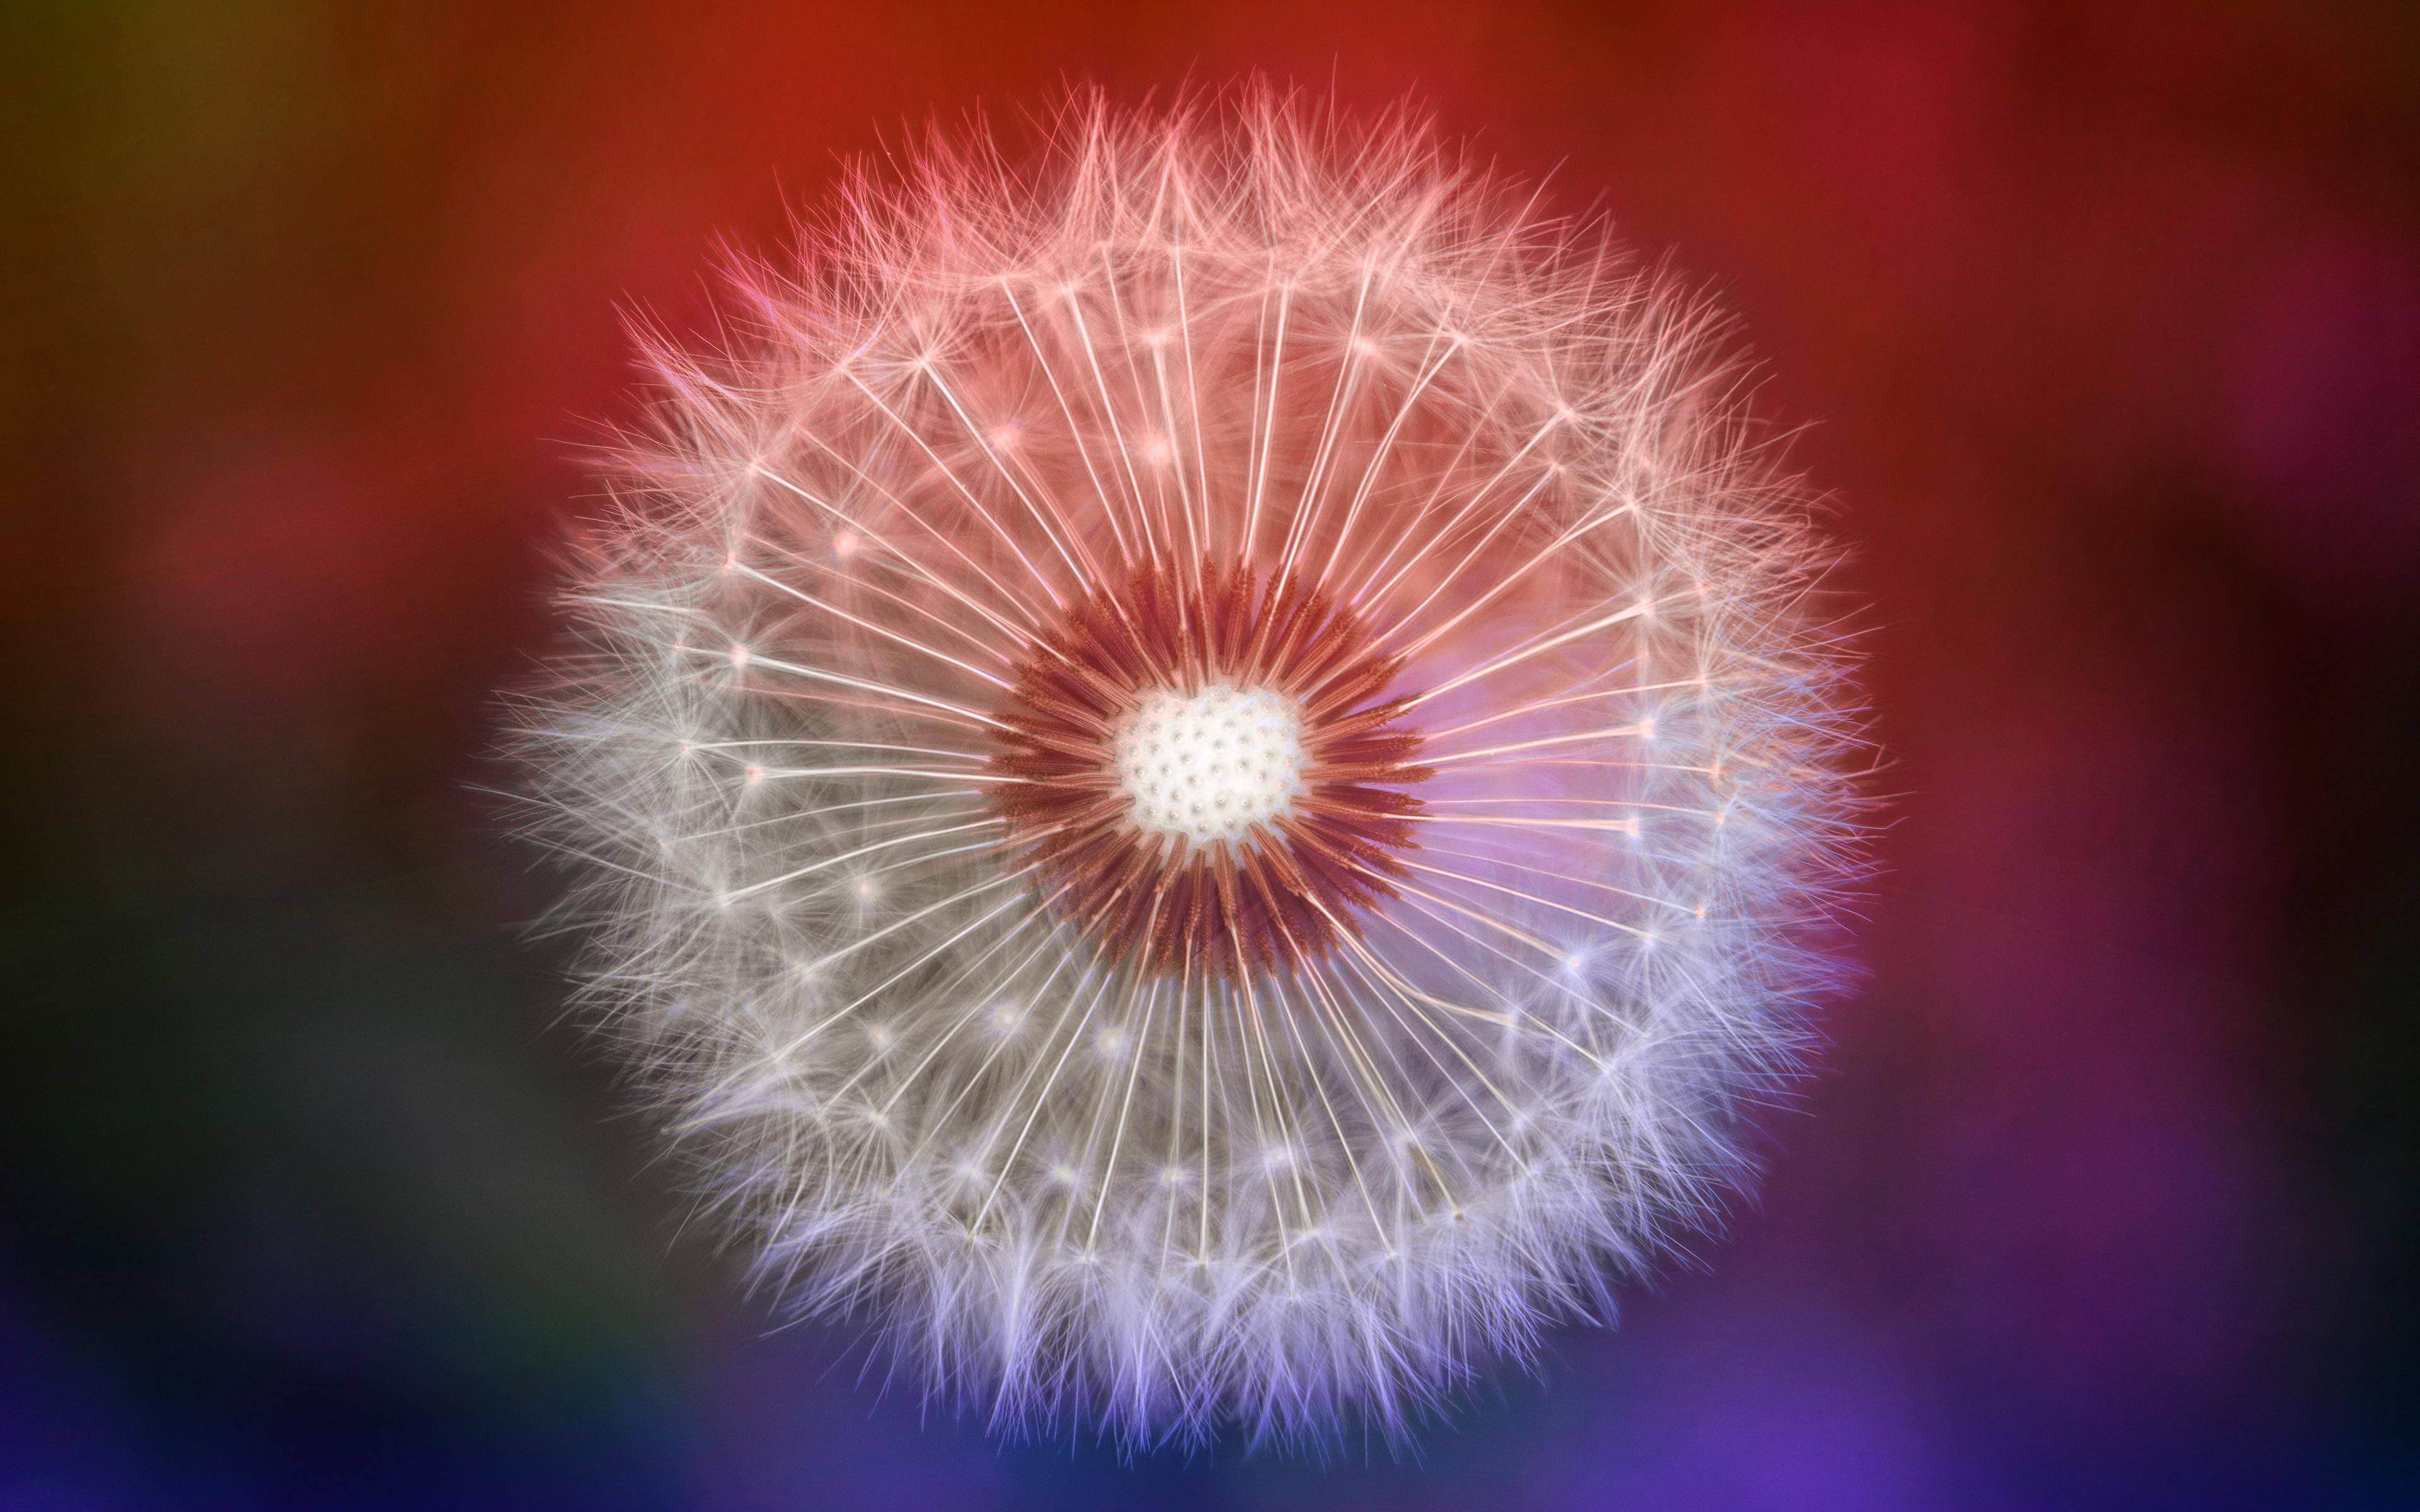 Фотографии by Johannes Plenio цветок Одуванчики Крупным планом 3840x2400 Цветы вблизи